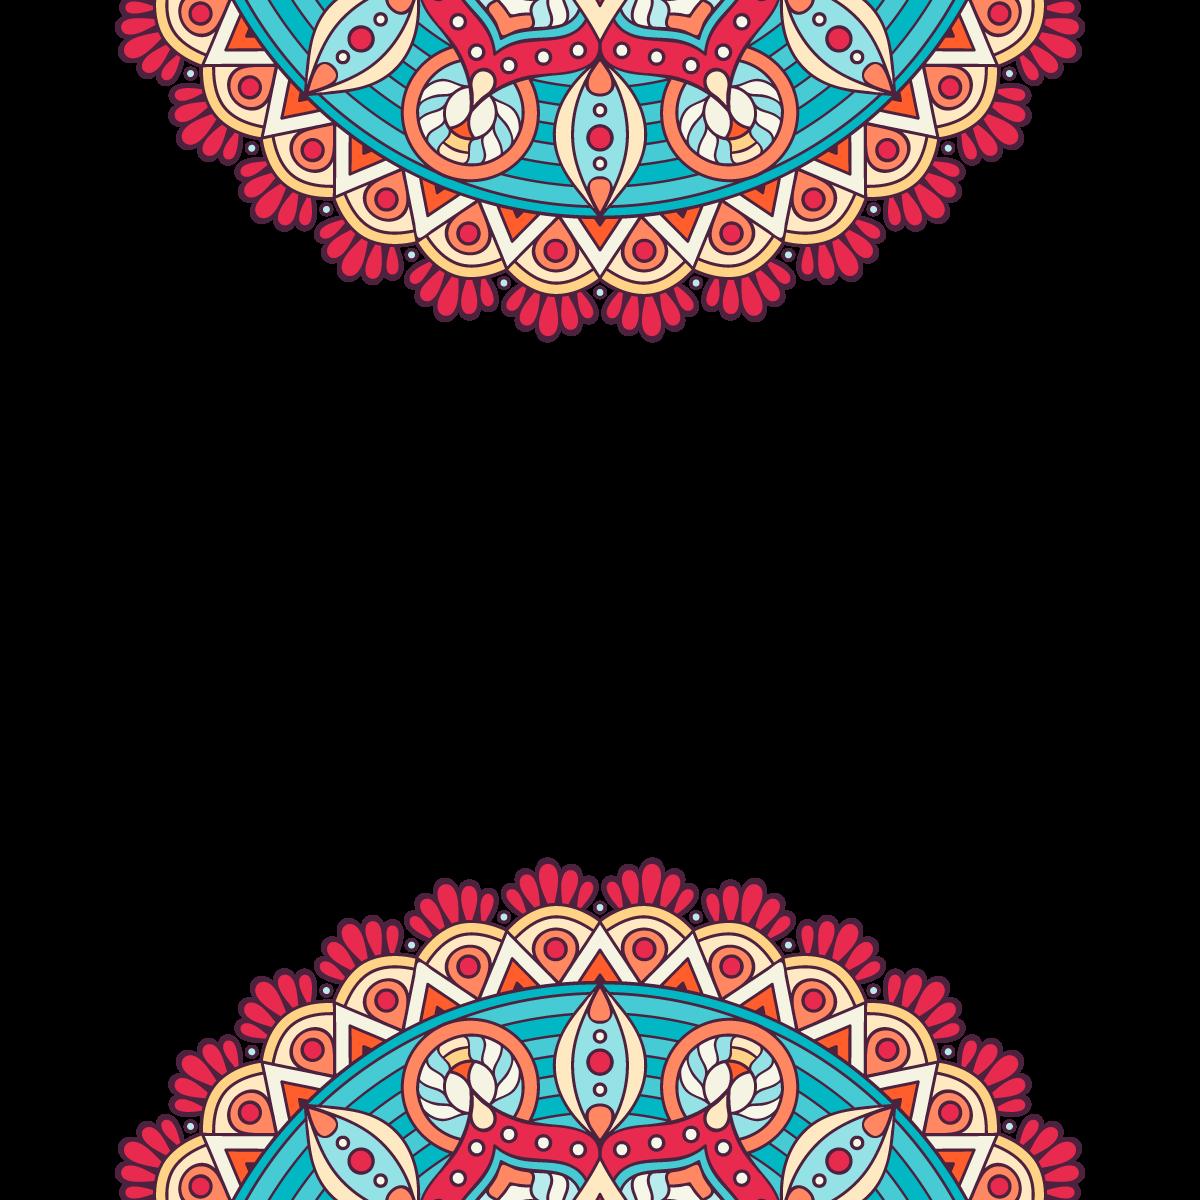 Festival Mandala Patterns Mandala Pattern Mandala Design Pattern Pattern Art